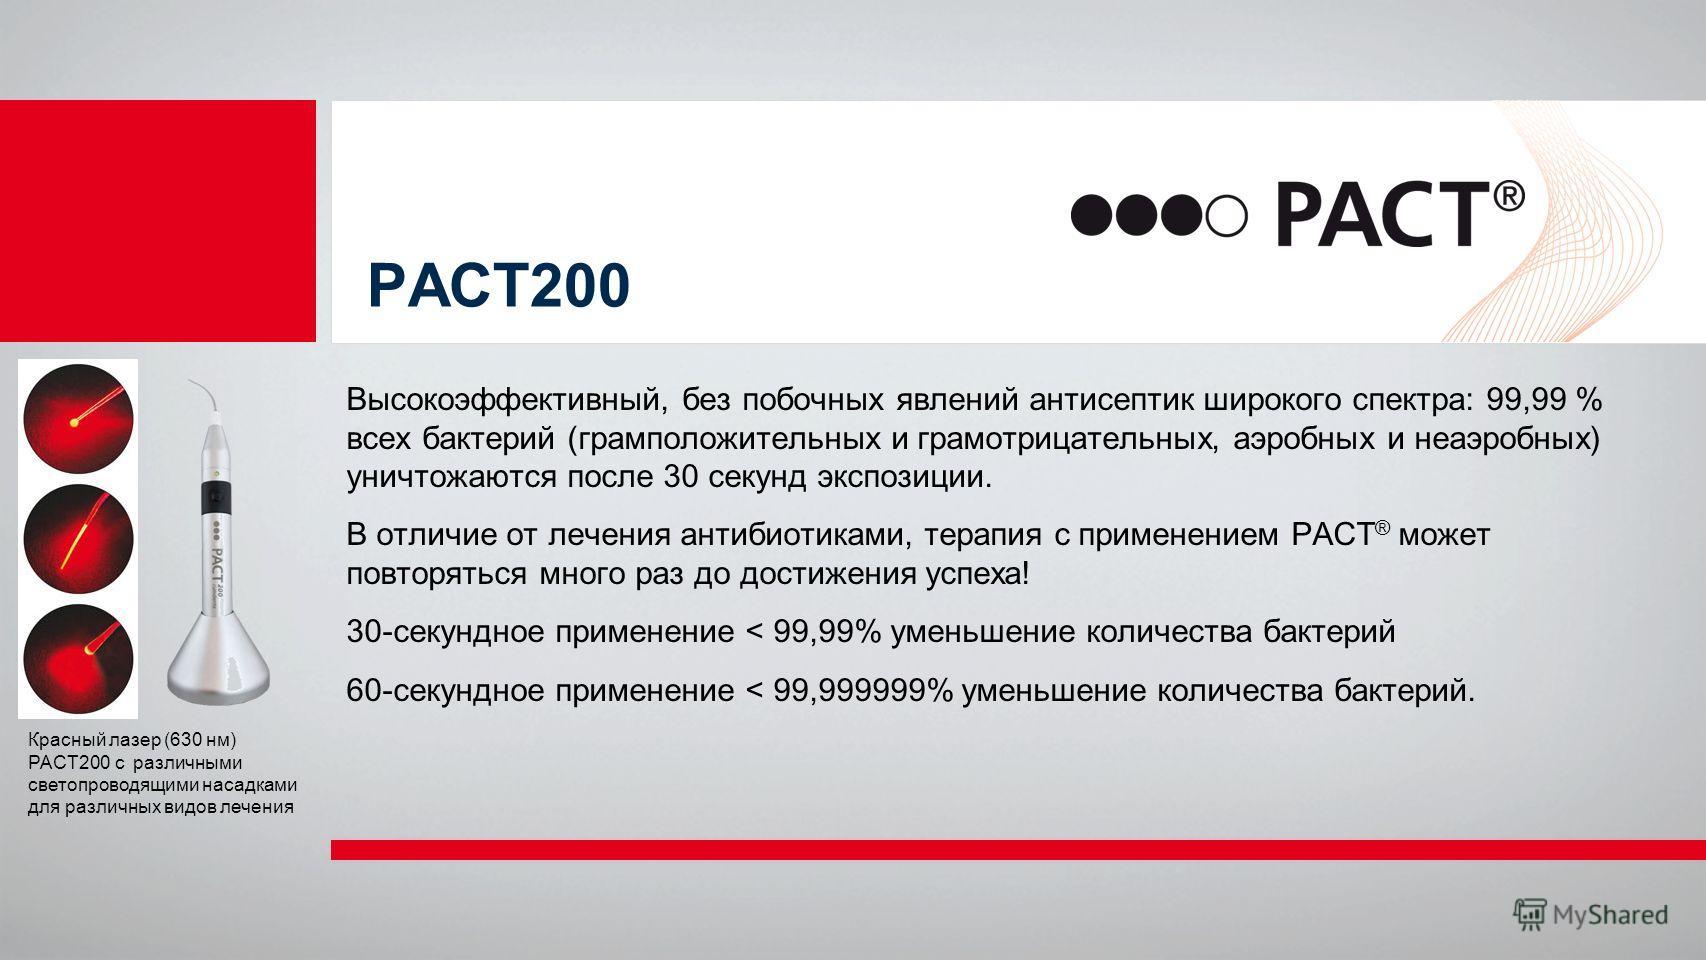 PACT200 Высокоэффективный, без побочных явлений антисептик широкого спектра: 99,99 % всех бактерий (грамположительных и грамотрицательных, аэробных и неаэробных) уничтожаются после 30 секунд экспозиции. В отличие от лечения антибиотиками, терапия с п